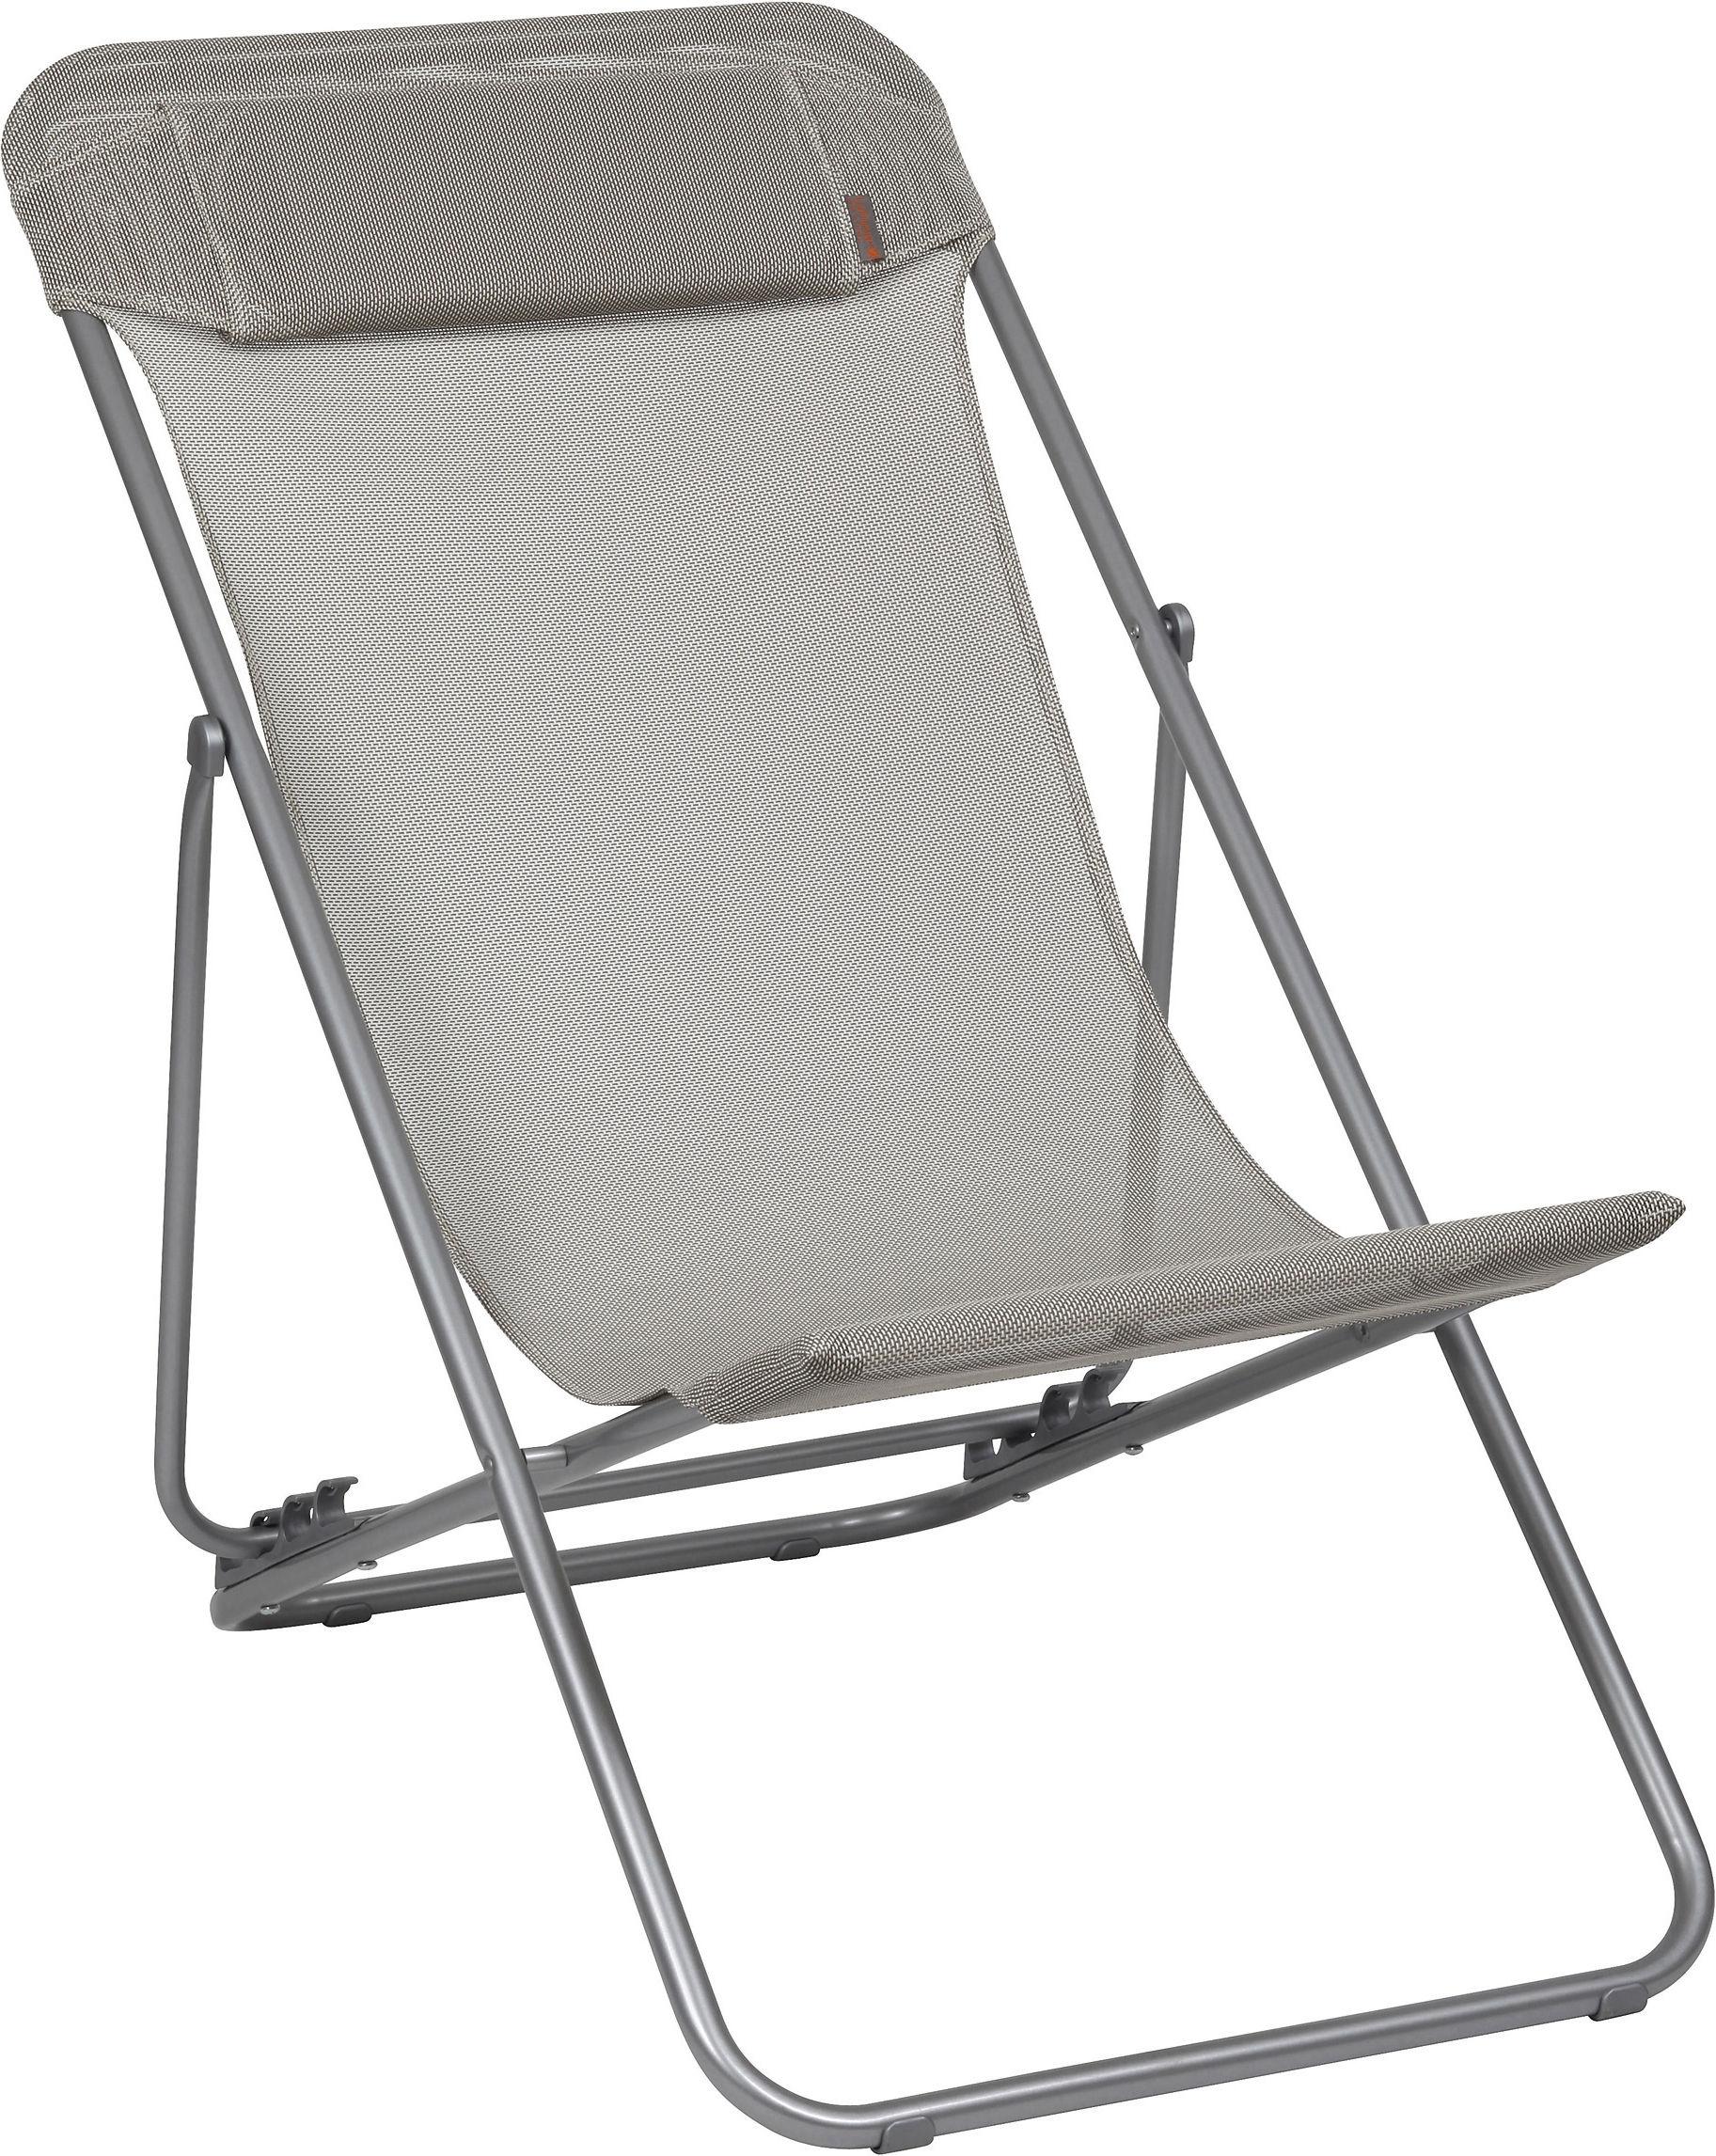 Toile de rechange pour chaise longue transaluxe seigle for Chaise longue en toile